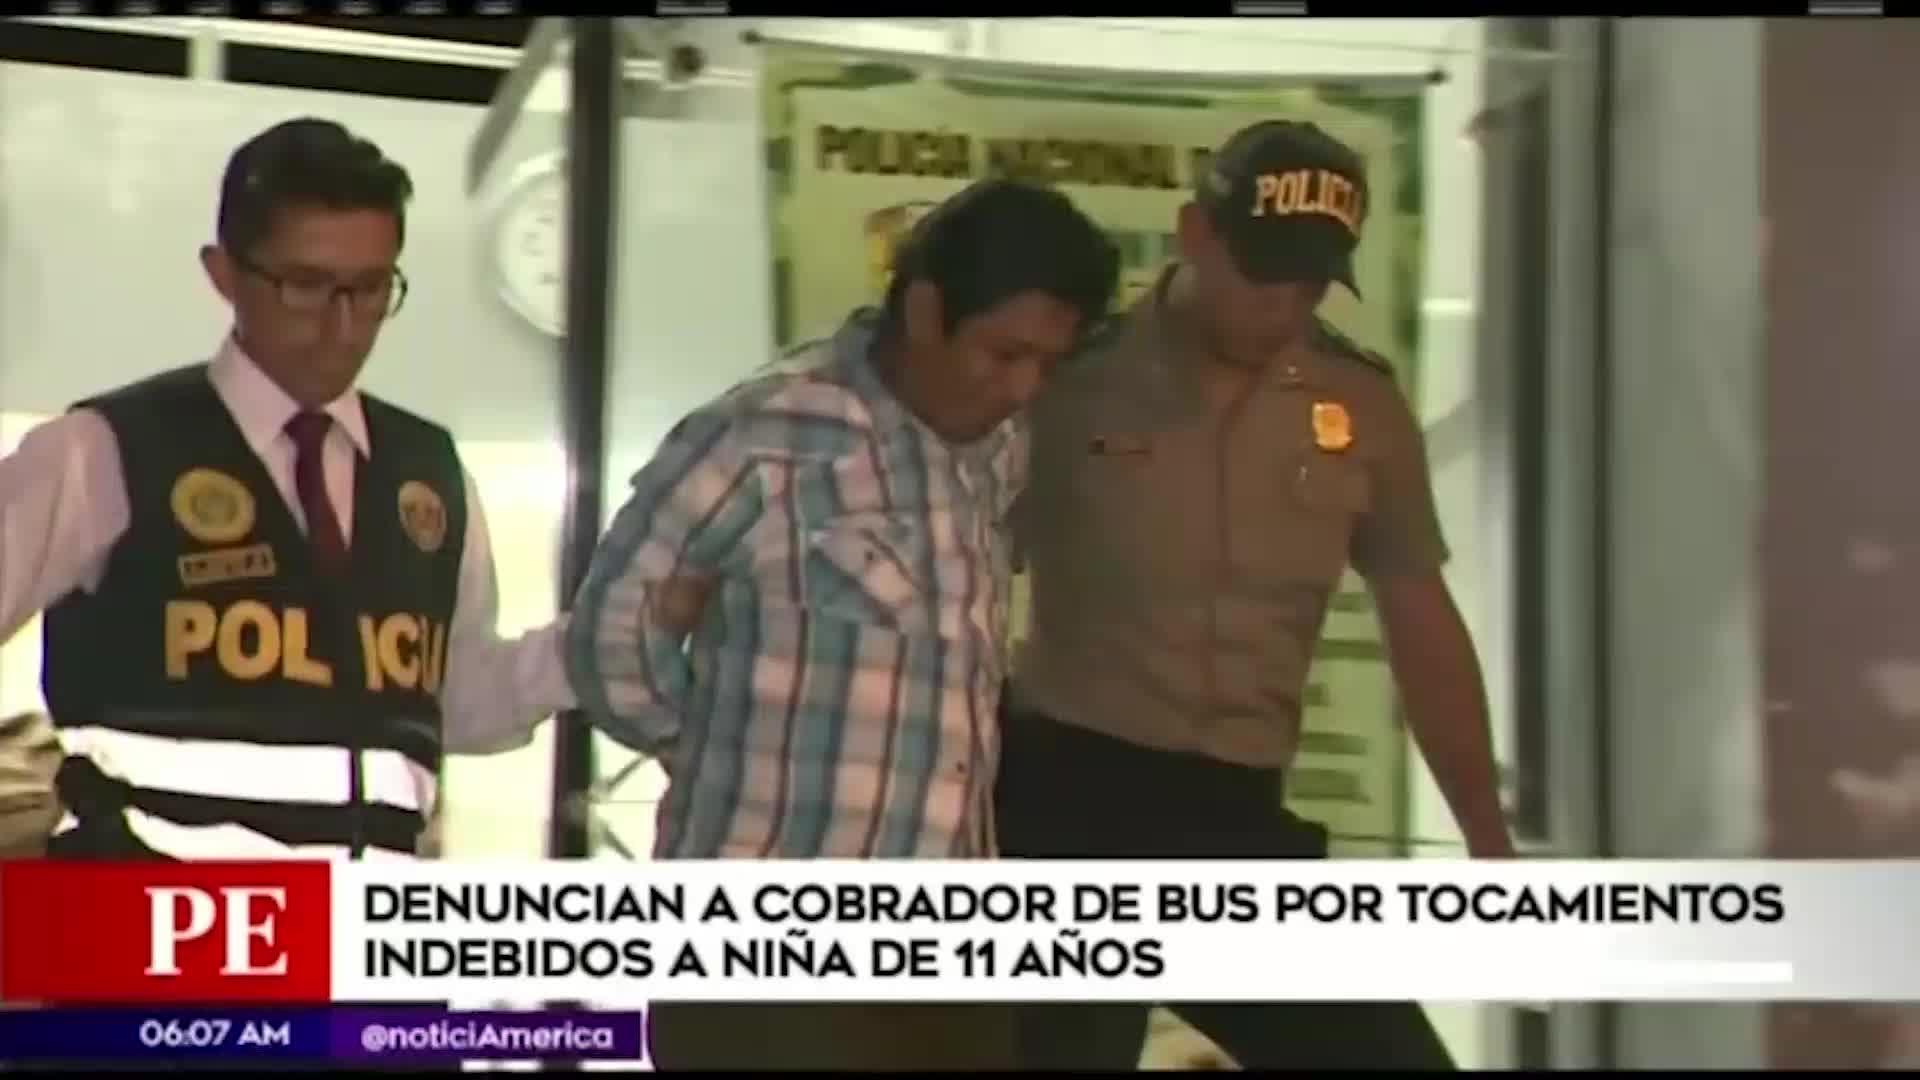 La Molina: Detienen a cobrador acusado de tocamientos indebidos a menor de 11 años dentro del bus